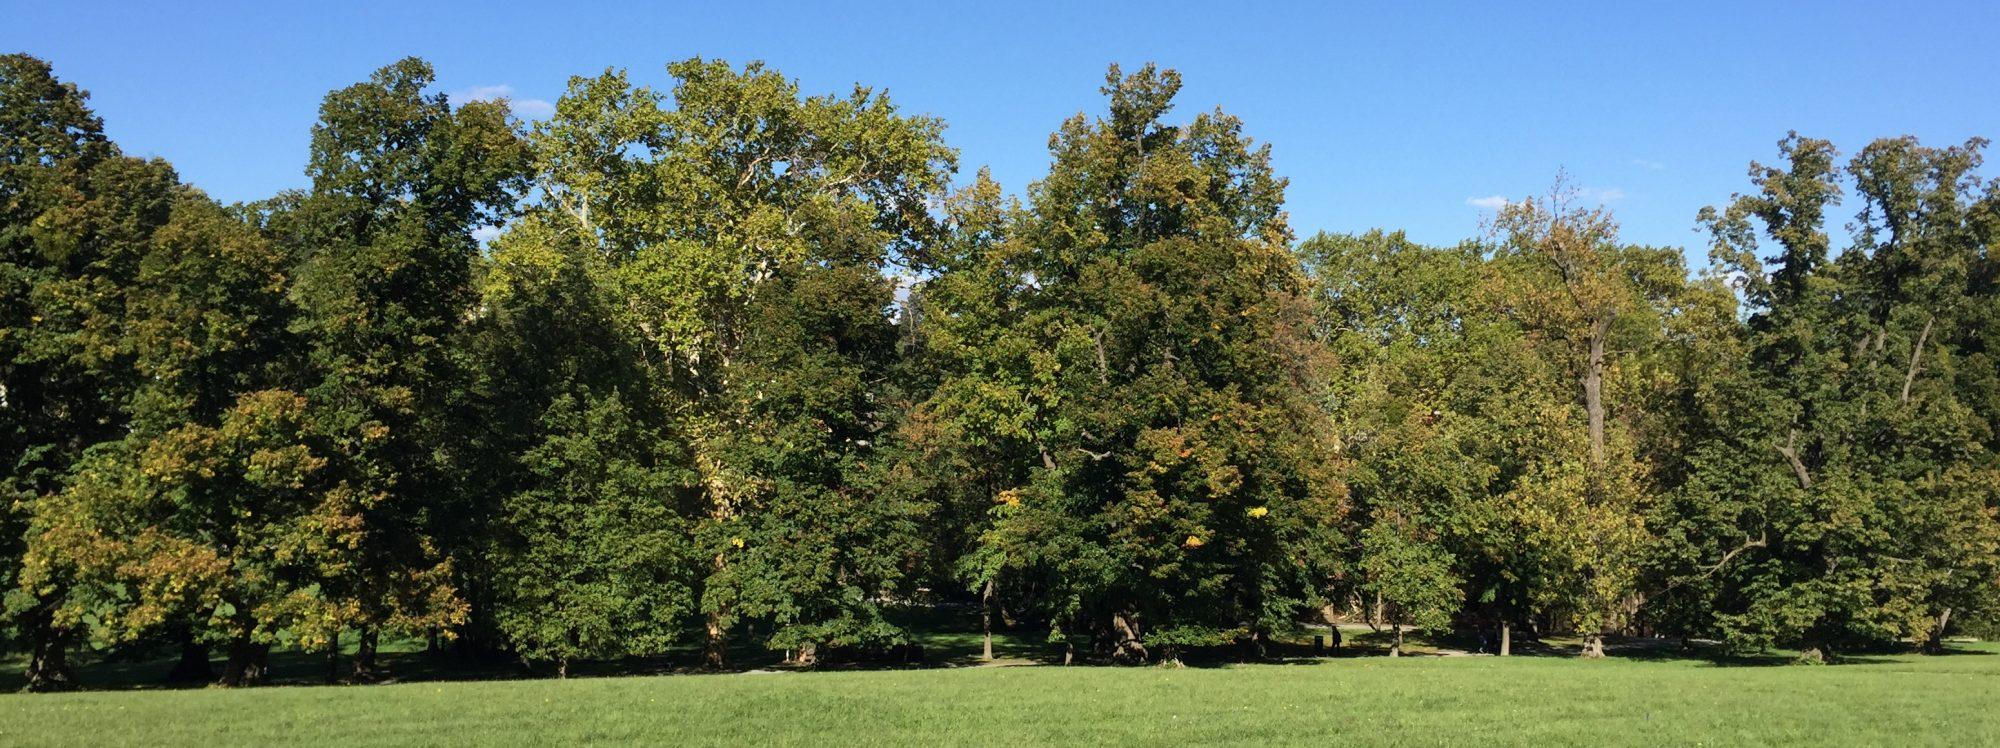 Baumpflege, Baumschnitt, Baumrodung Ing. Schranz in Wien